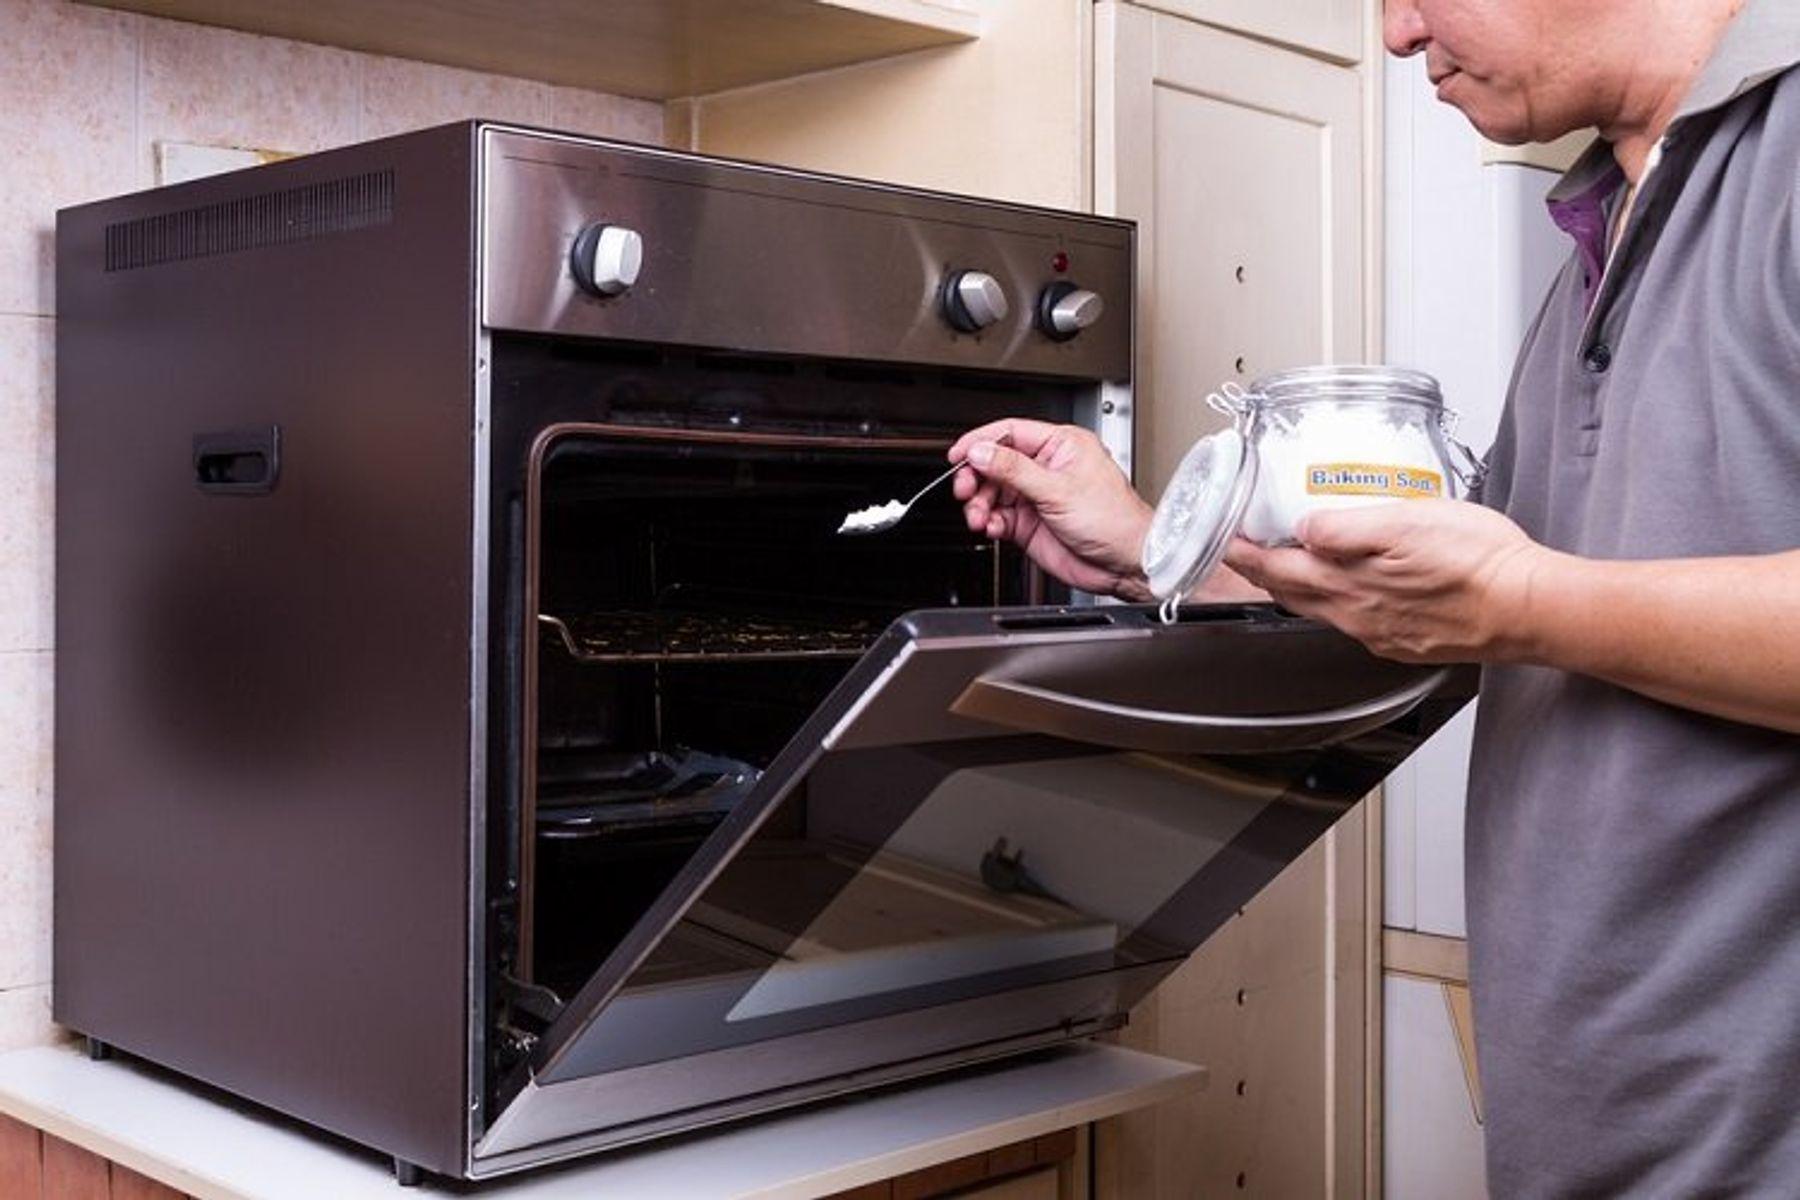 Vệ sinh lò nướng bằng baking soda